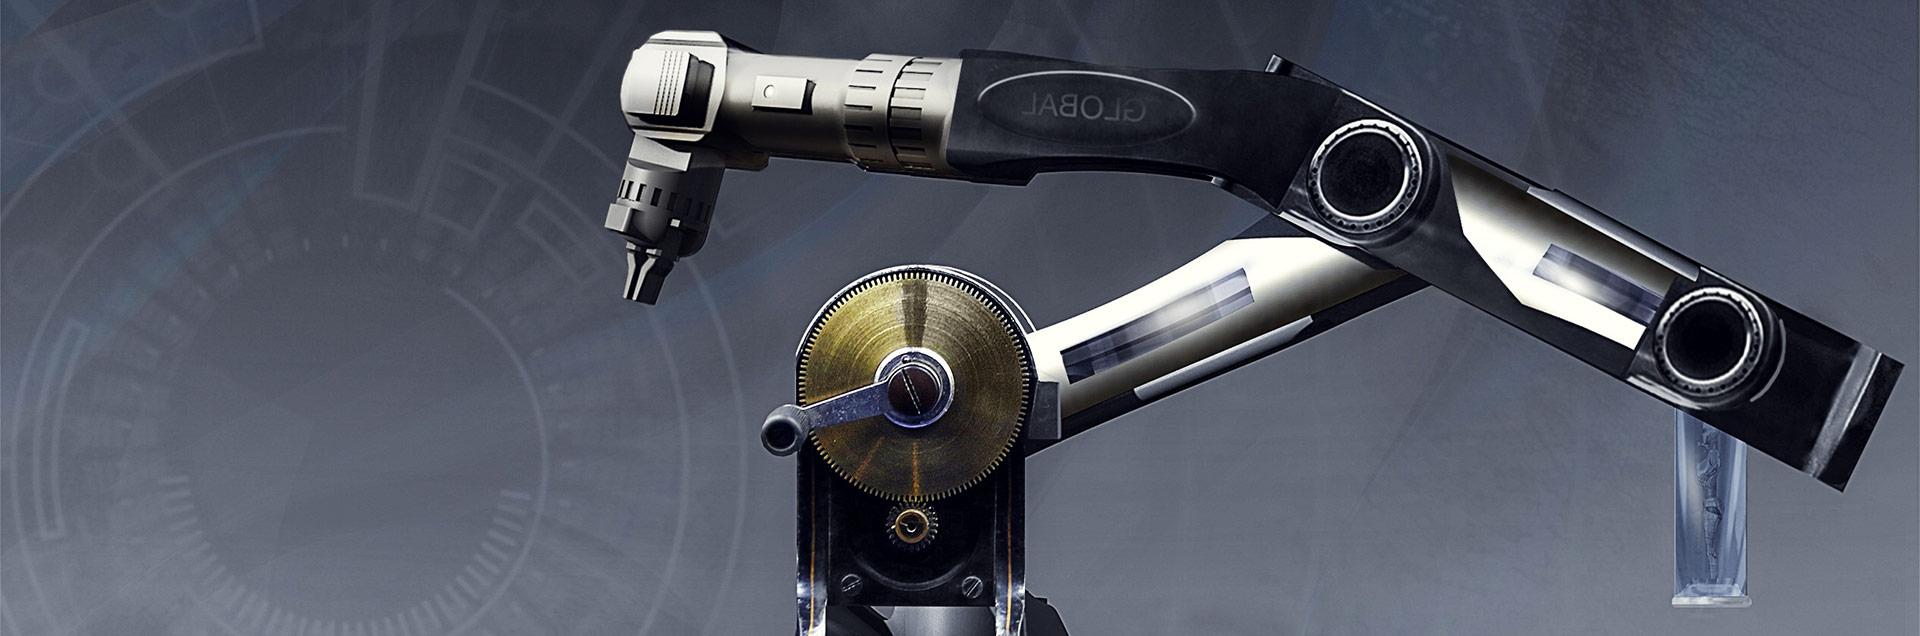 Robotique et cobotique